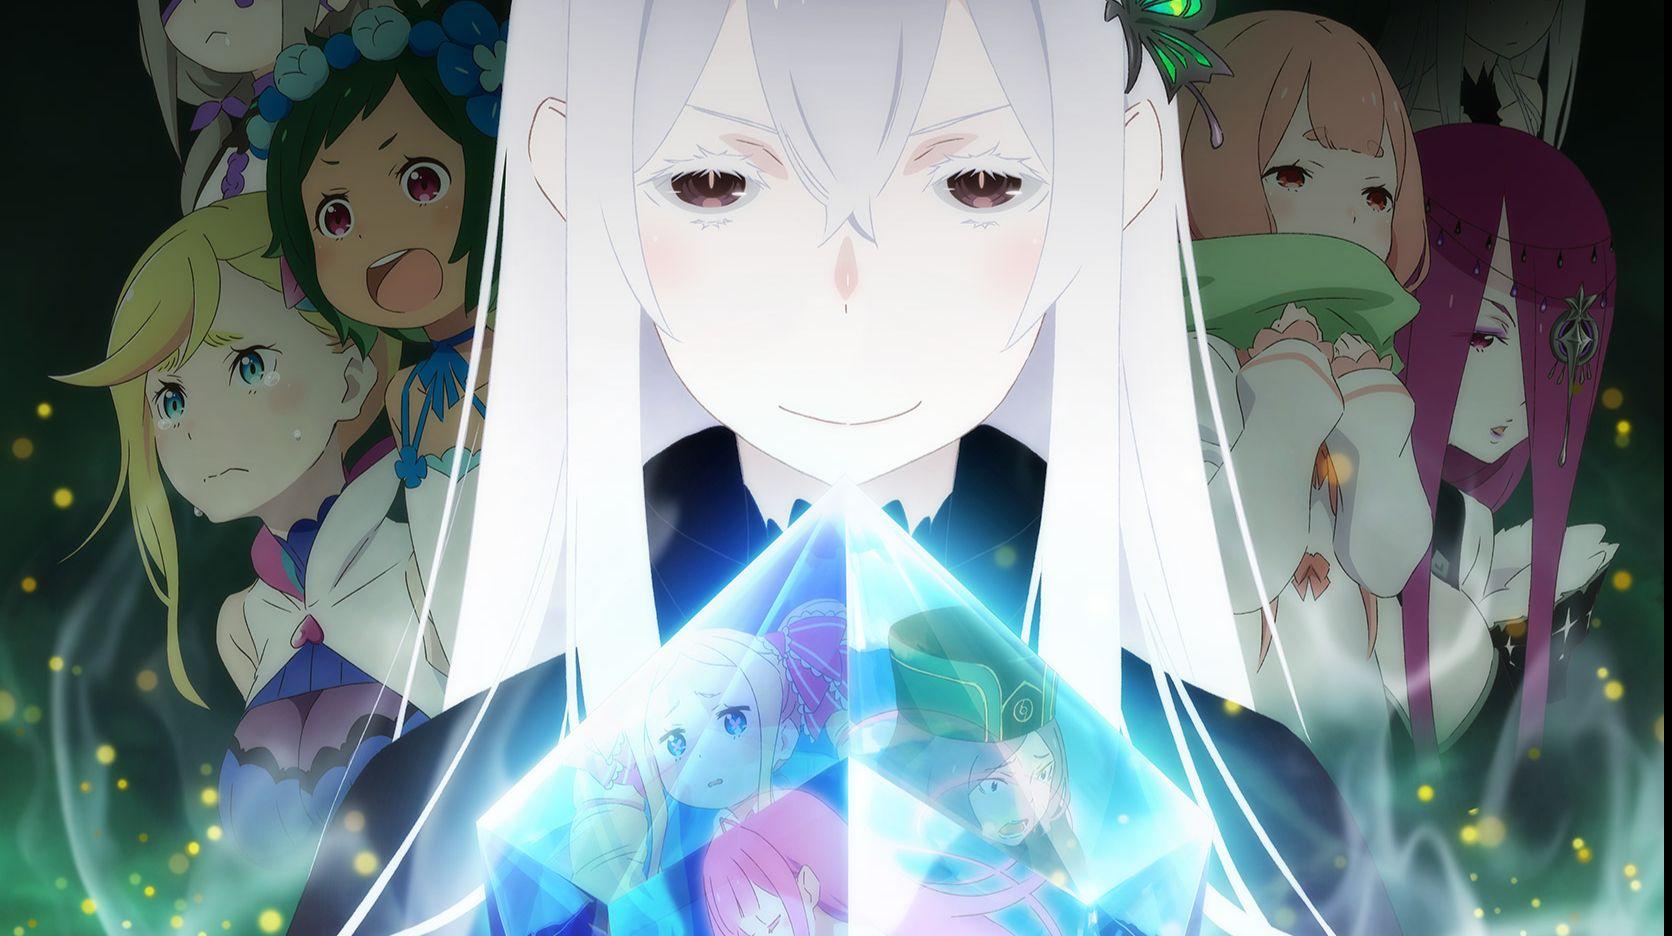 【Re0】第二季4章圣域篇疑难问题整理